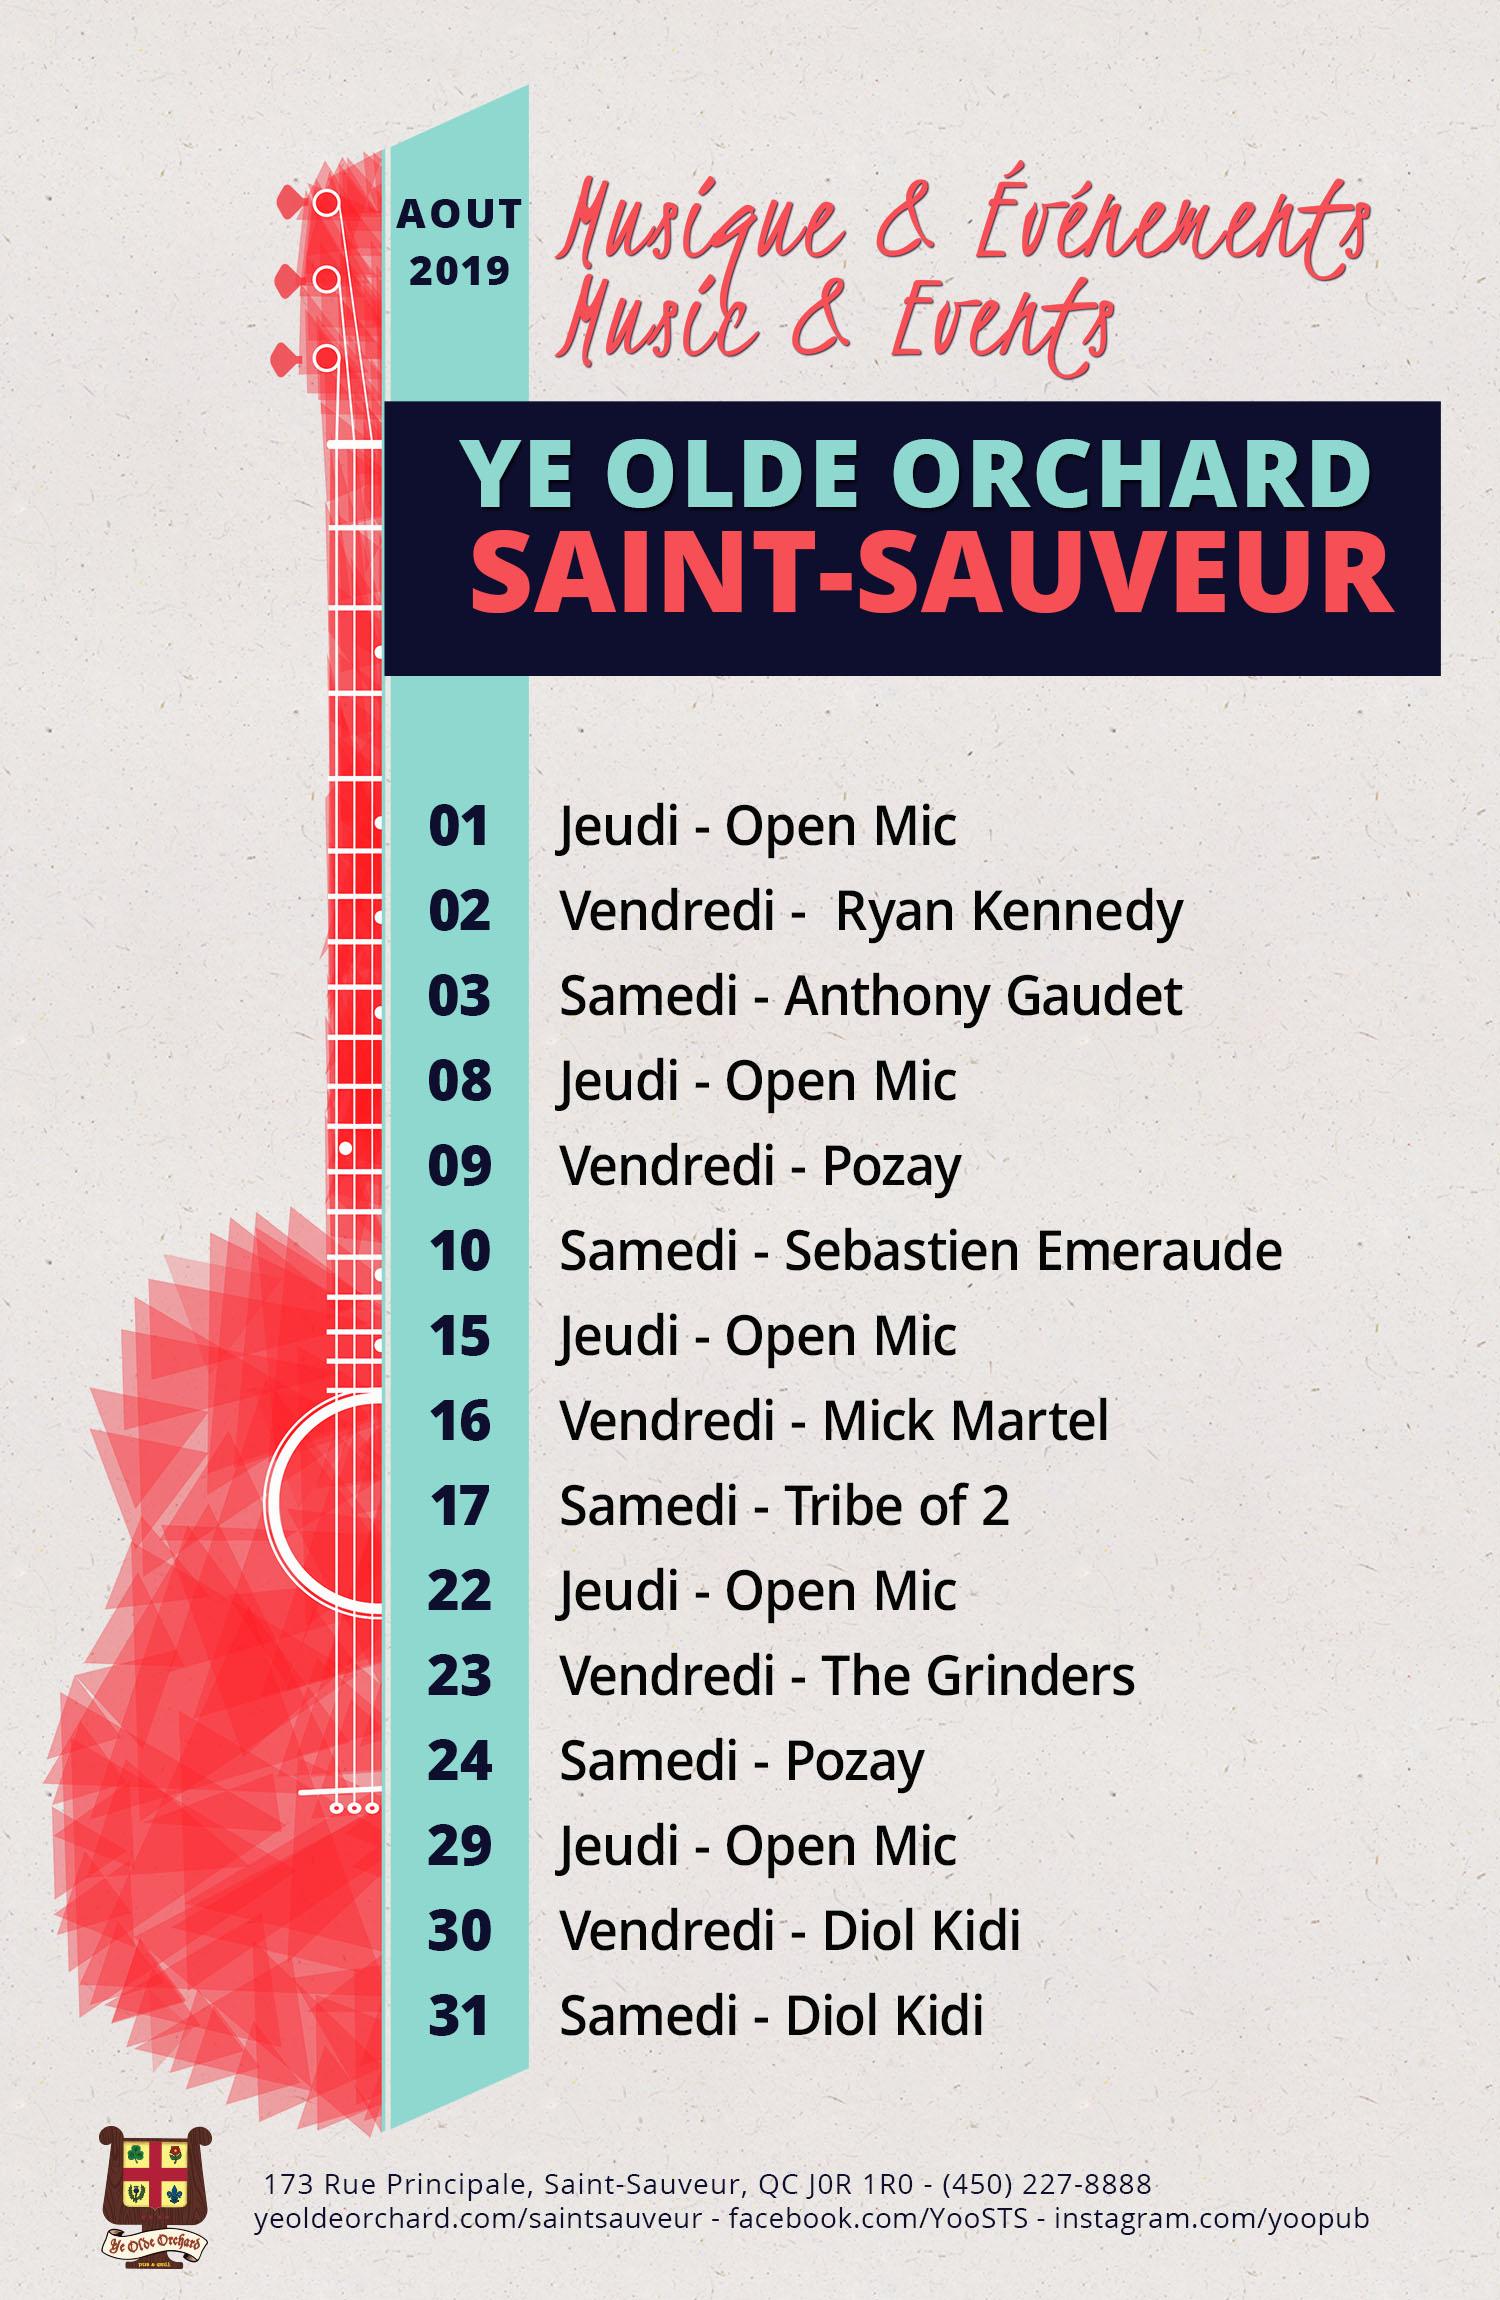 ye-olde-orchard-pub-music-and-events-calendar-SaintSauveur-WEB-AUG